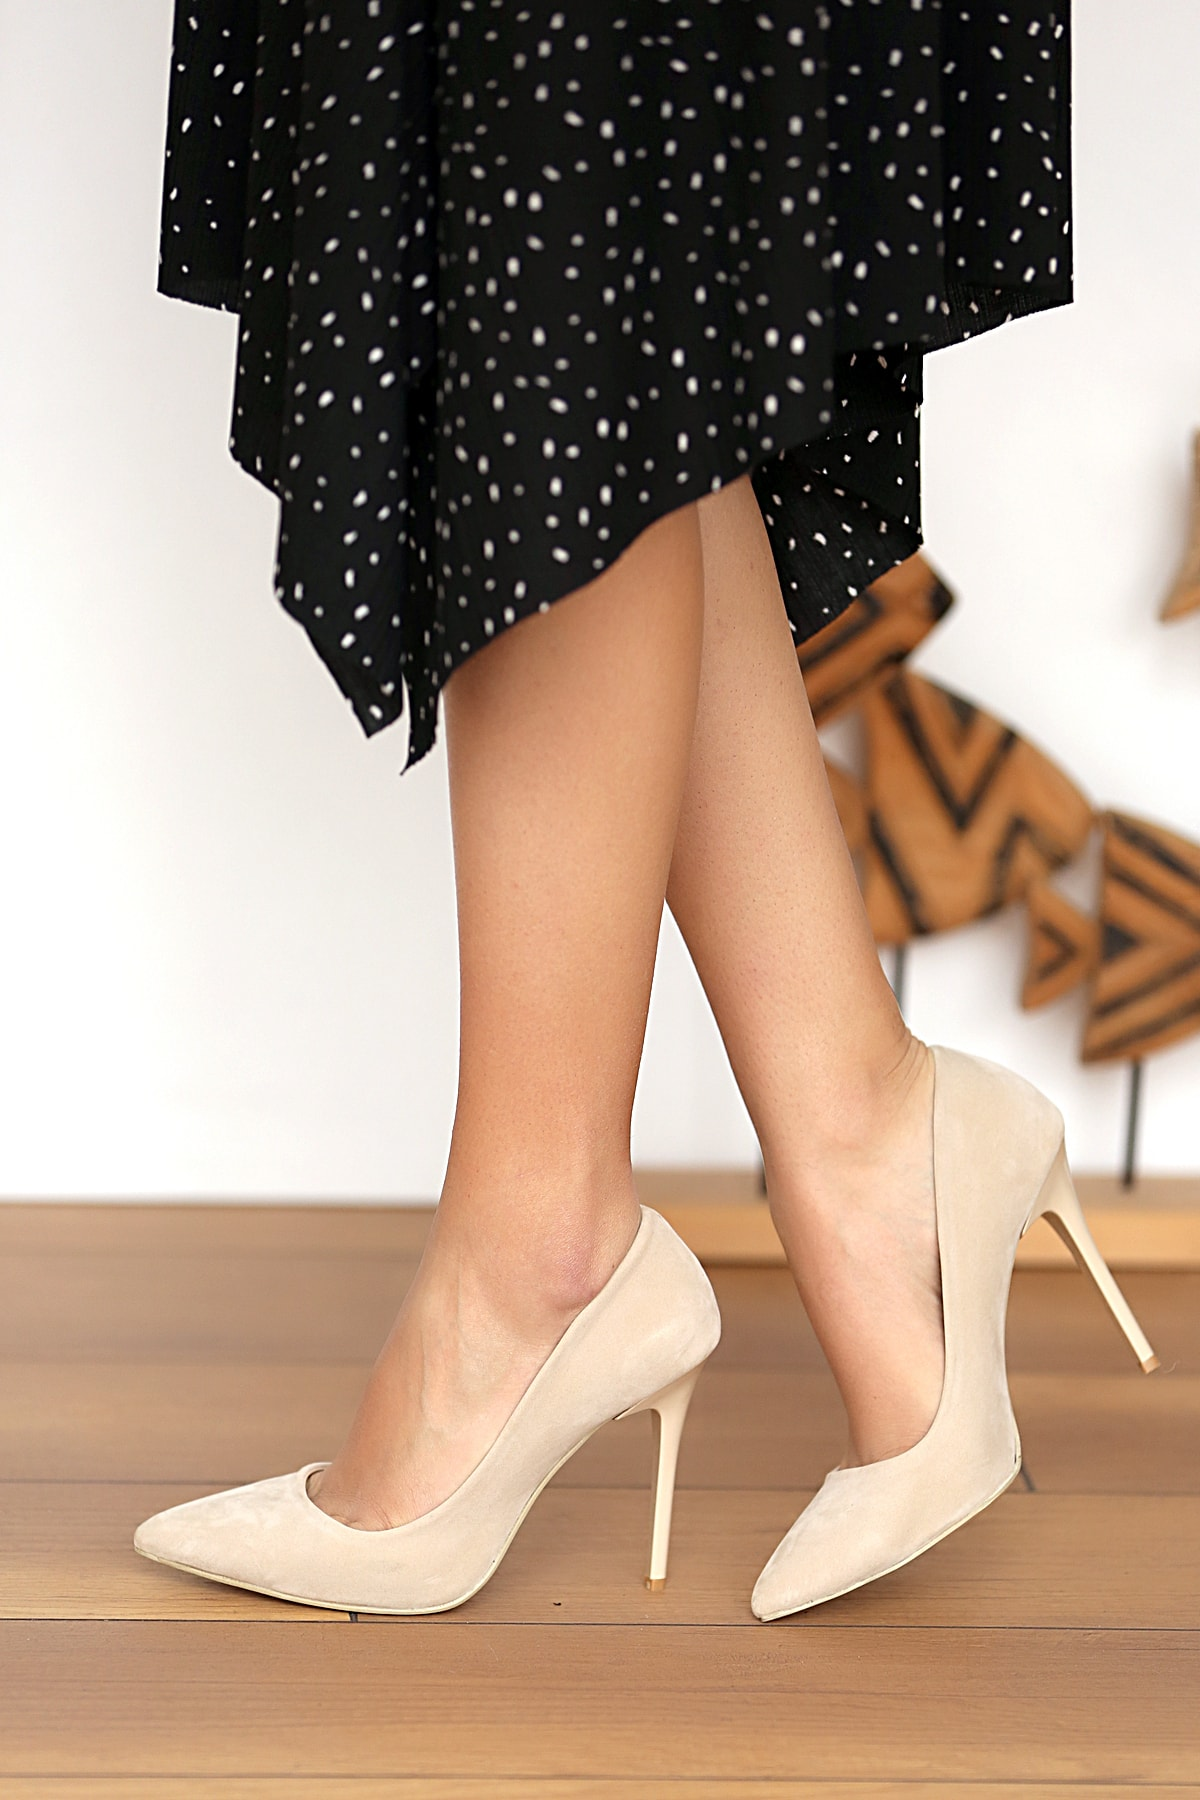 Pembe Potin Bej Kadın Topuklu Ayakkabı A1770-17 1